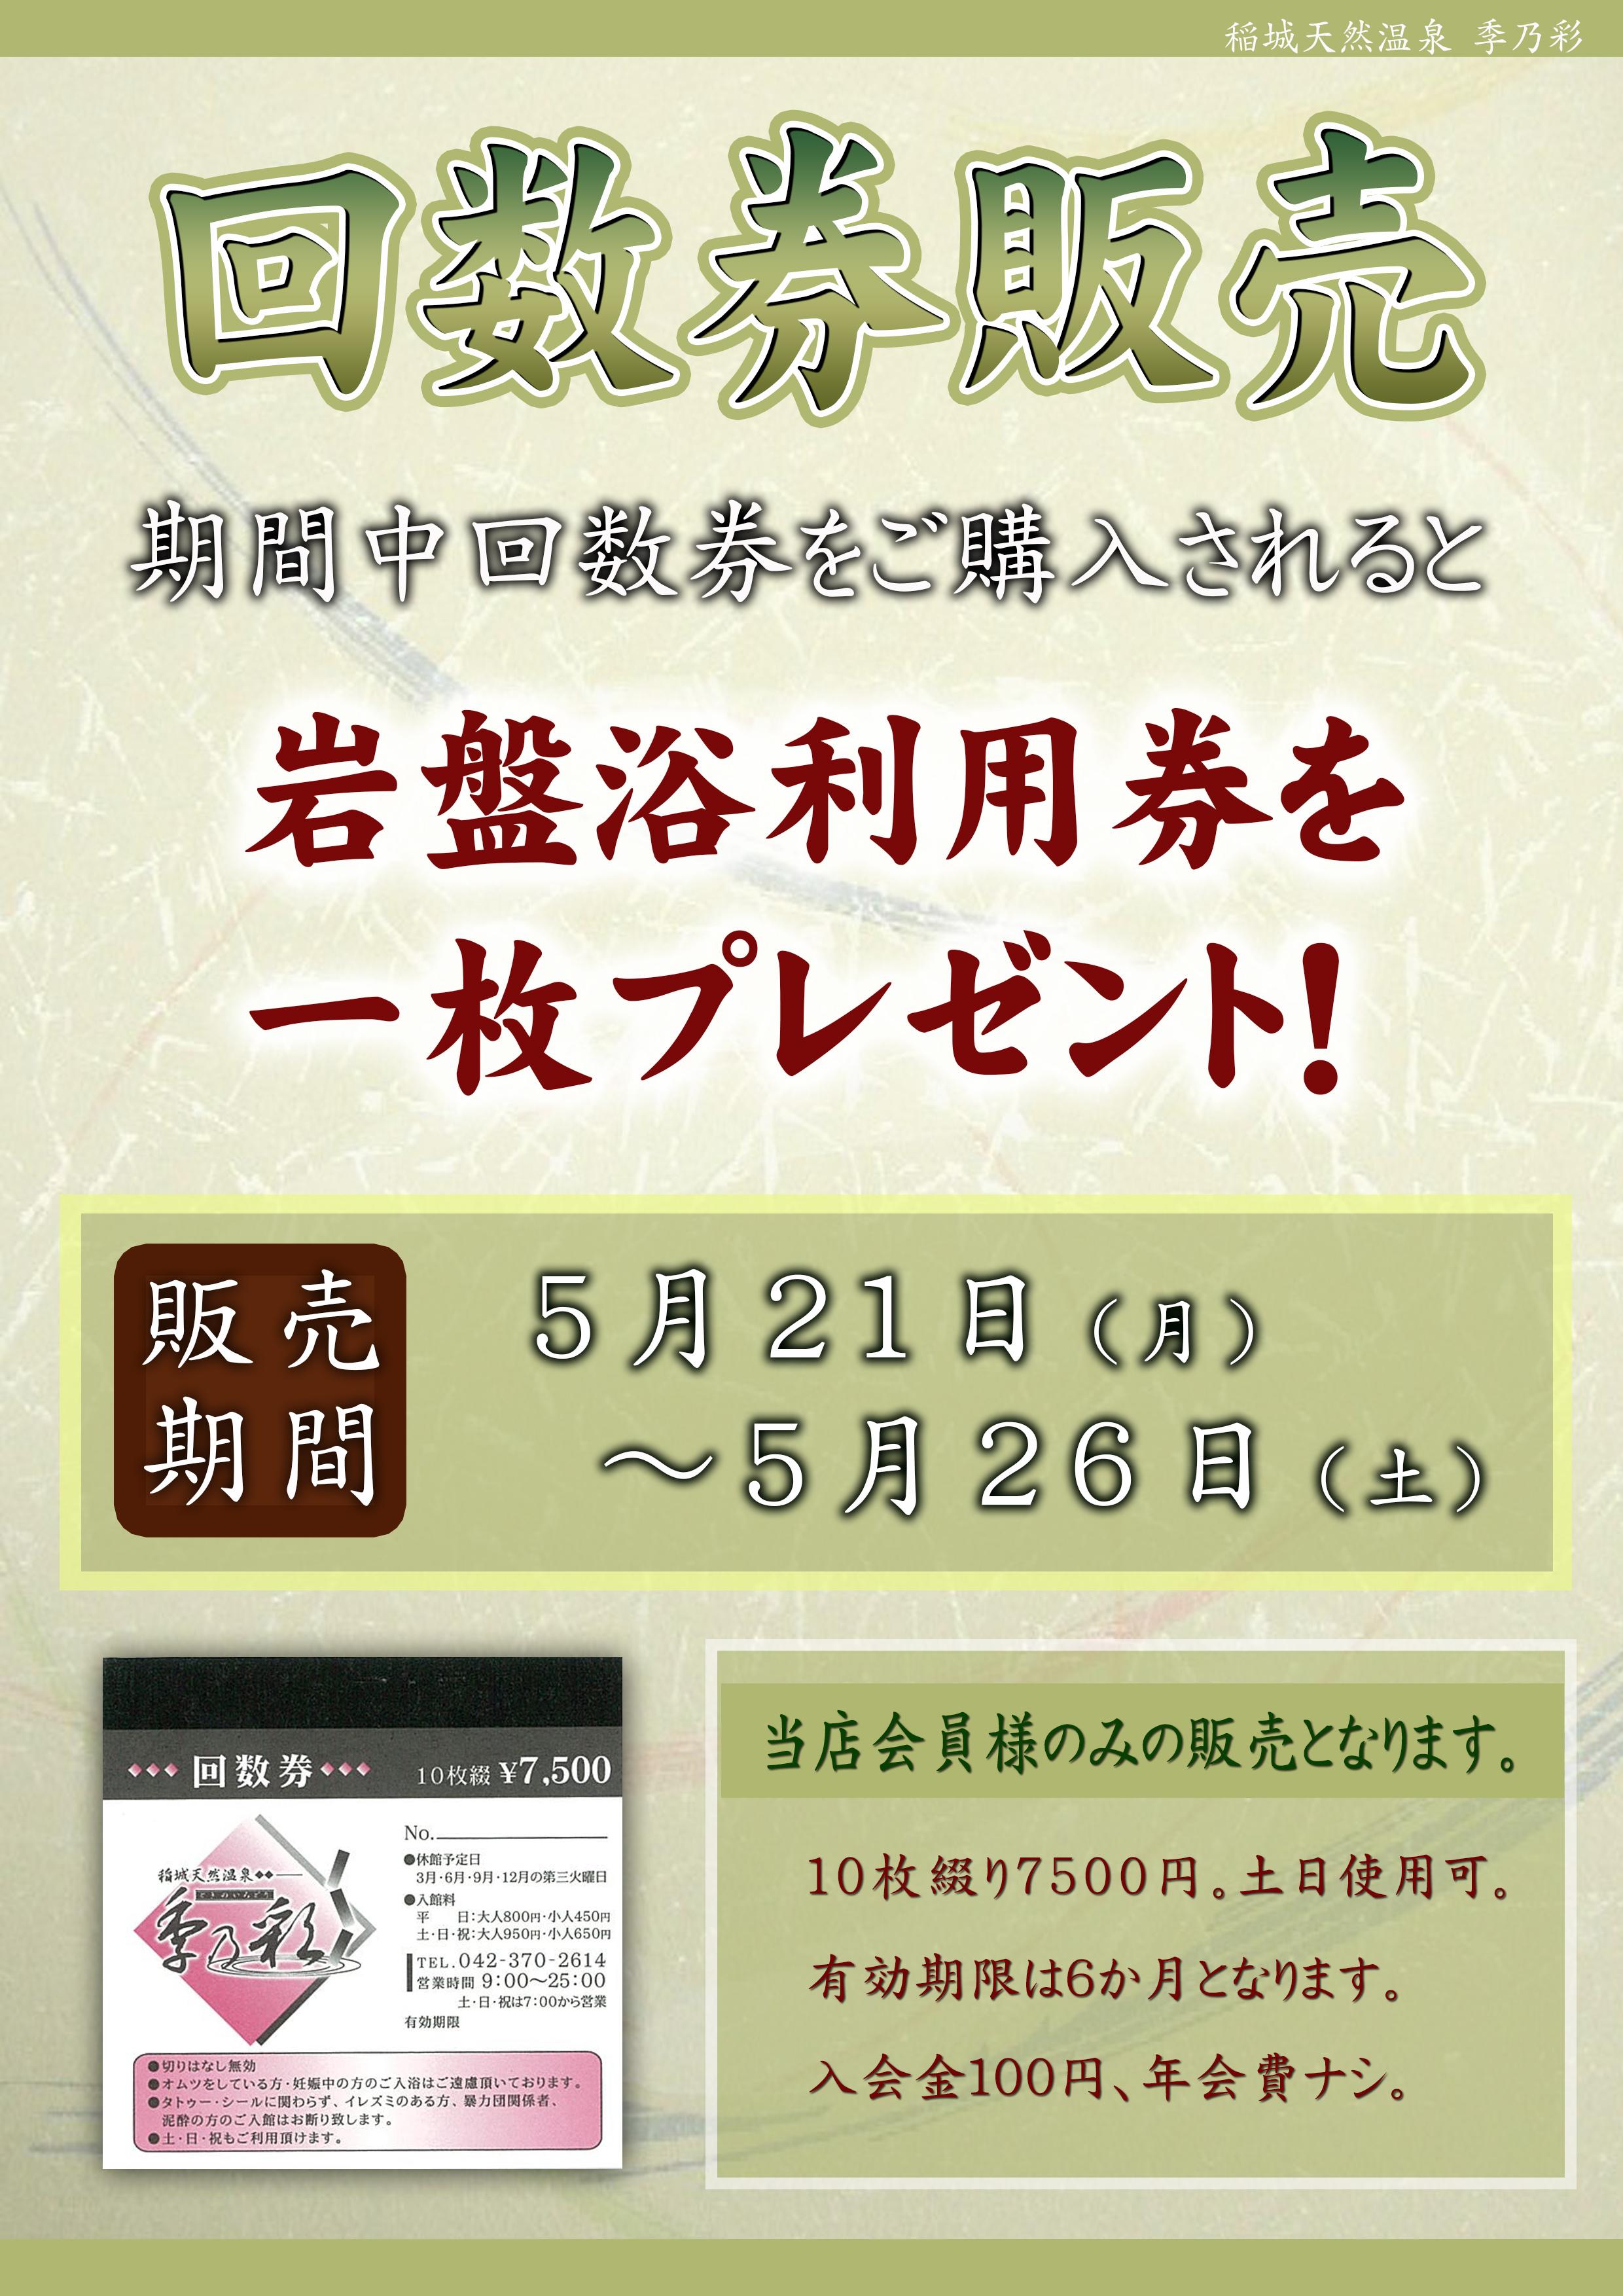 20180521POP イベント 回数券特売 岩盤浴券付与【入会100円】5月